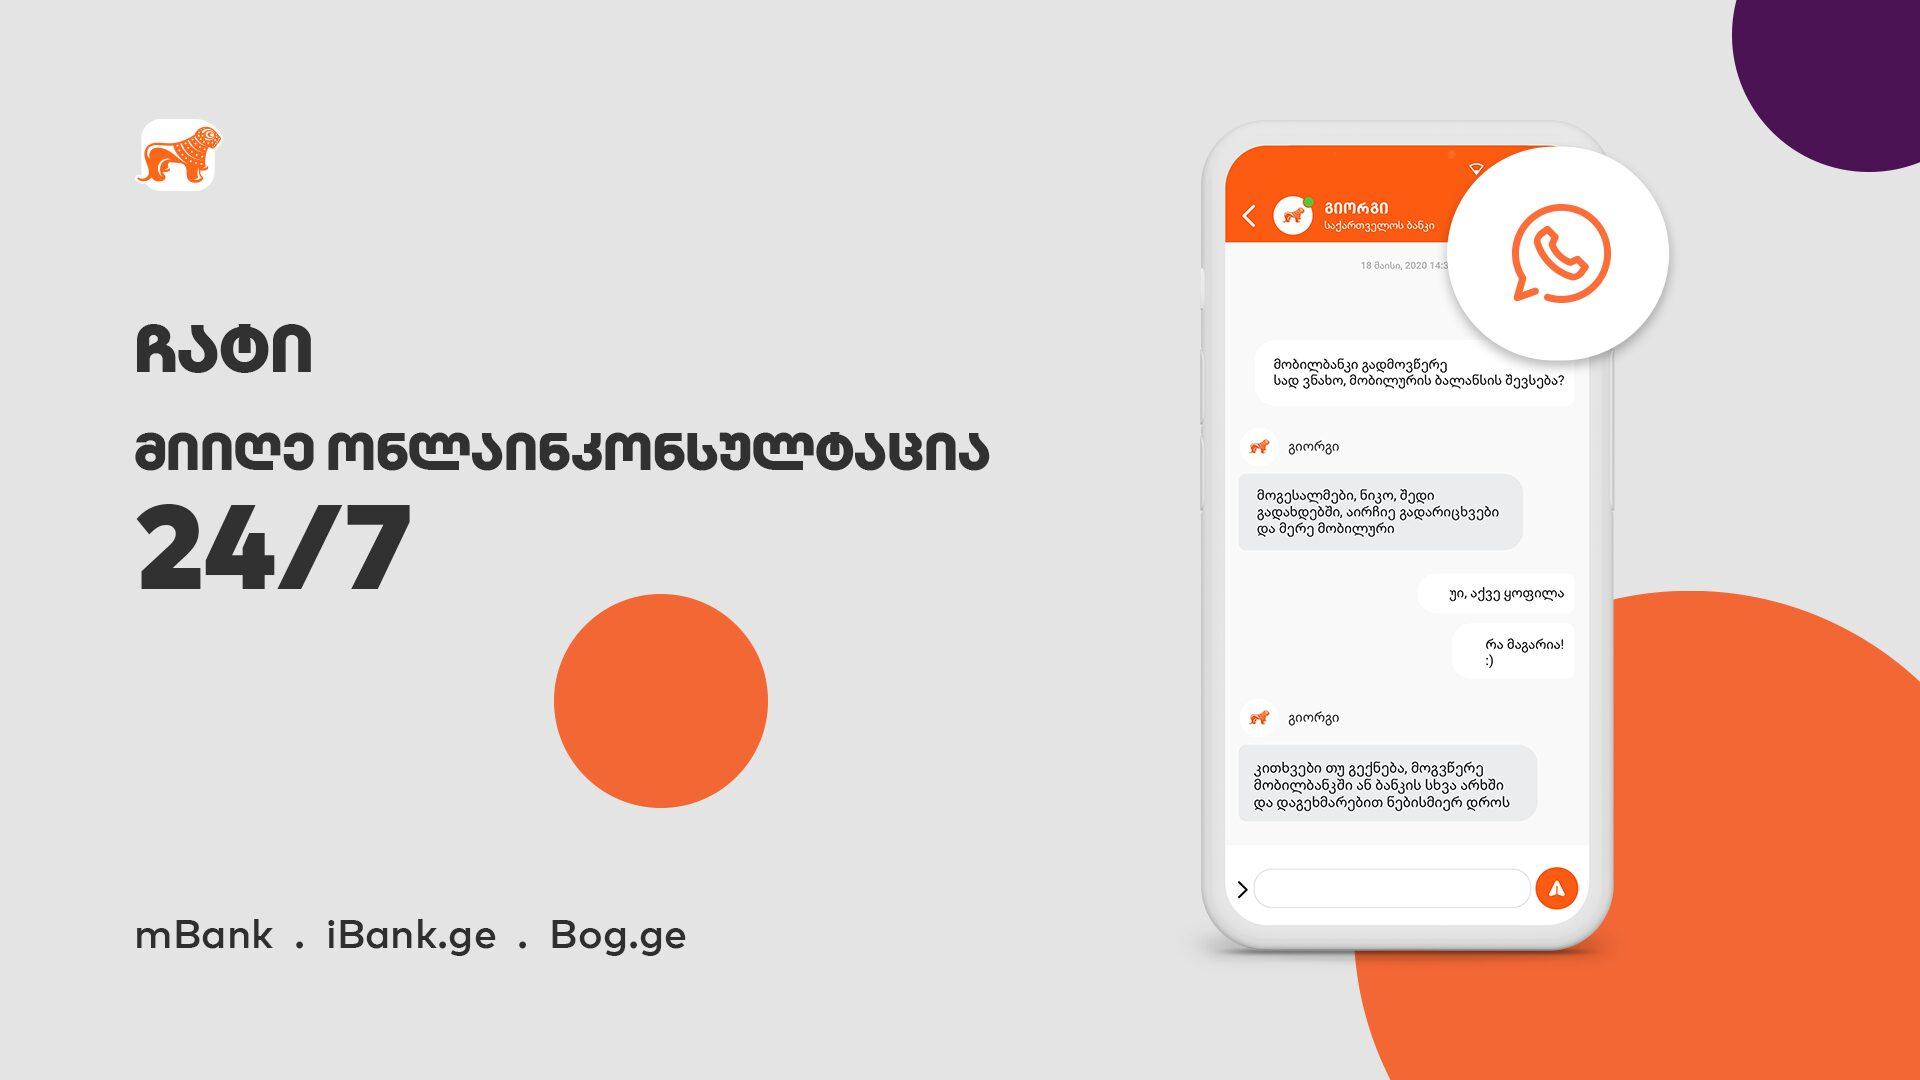 """Photo of საქართველოს ბანკმა მომხმარებლისათვის """"ჩატის"""" ფუნქცია დანერგა"""